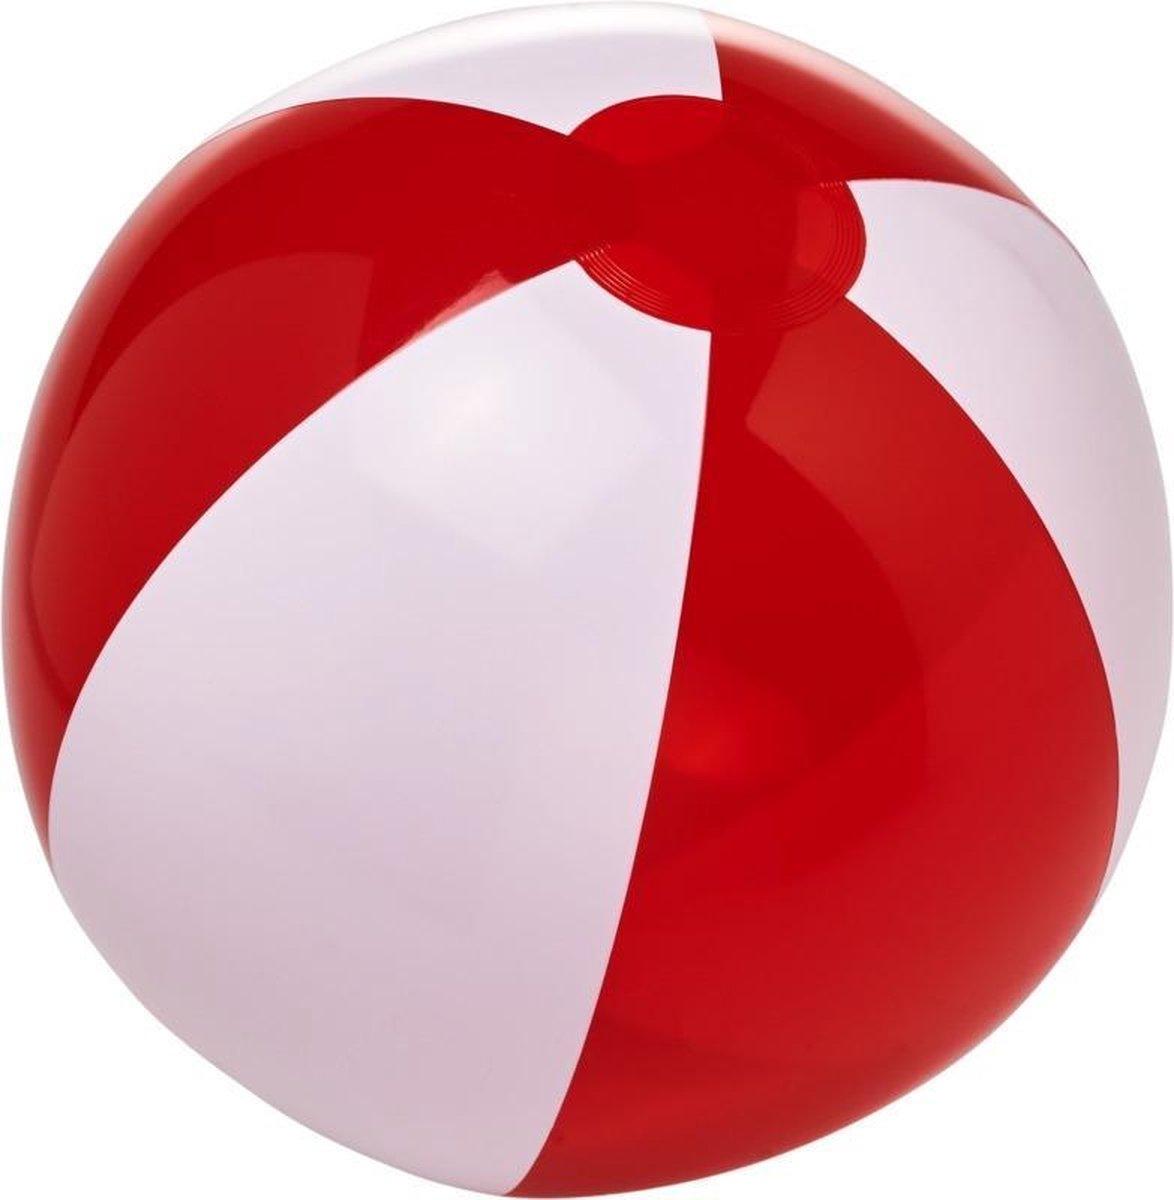 1x Opblaasbare strandballen rood/wit 30 cm - Buitenspeelgoed waterspeelgoed opblaasbaar